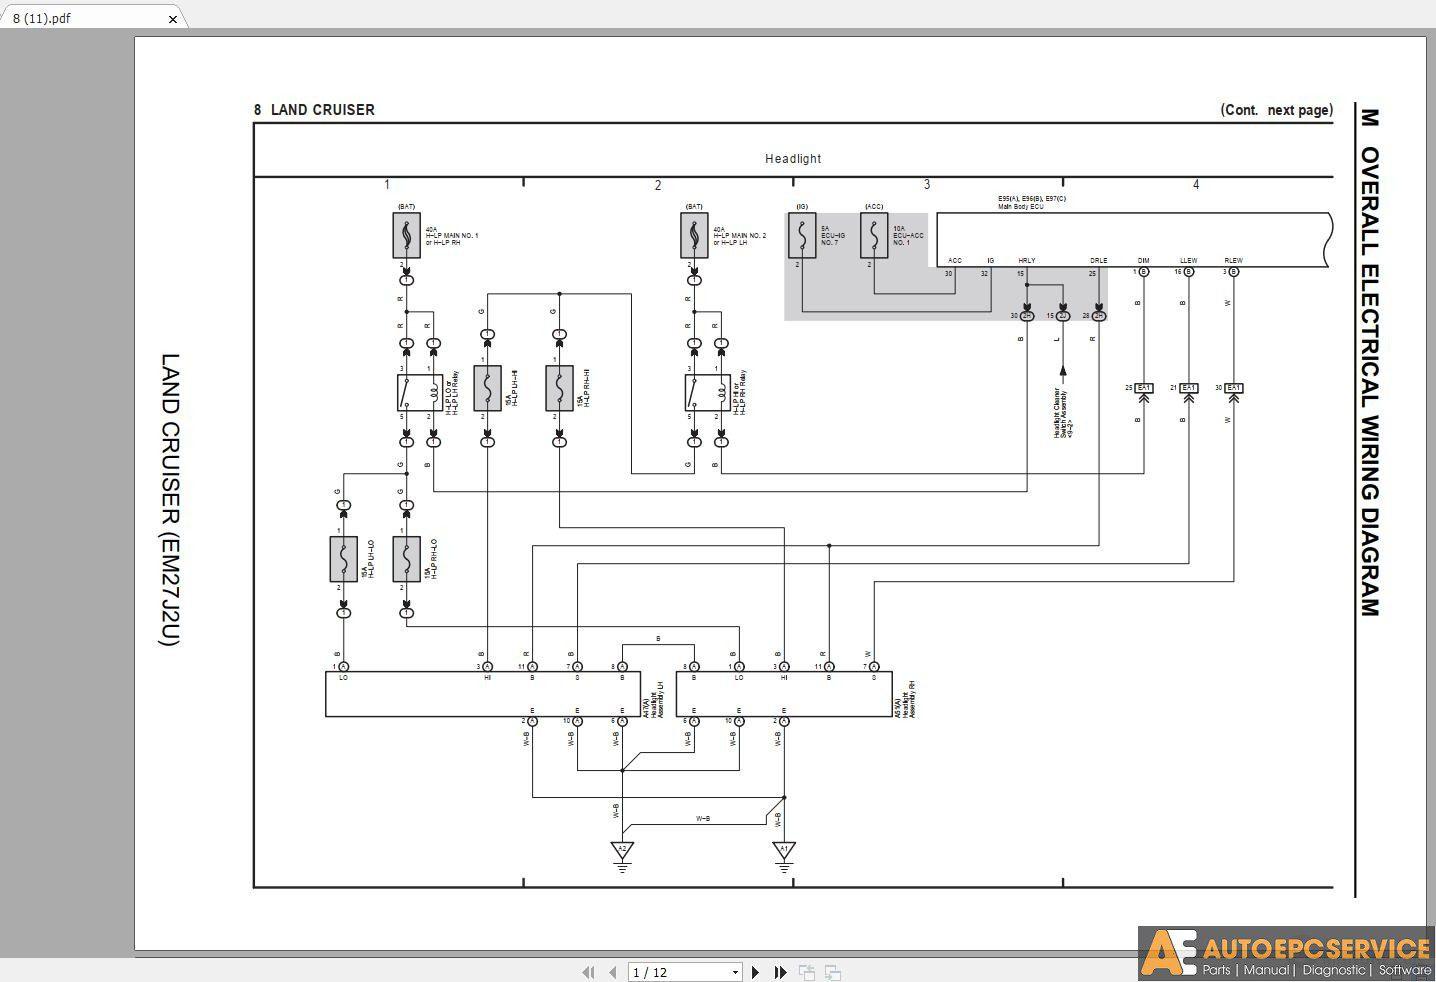 40 Toyota Land Cruiser Wiring Diagram   seed anywhere Wiring ...